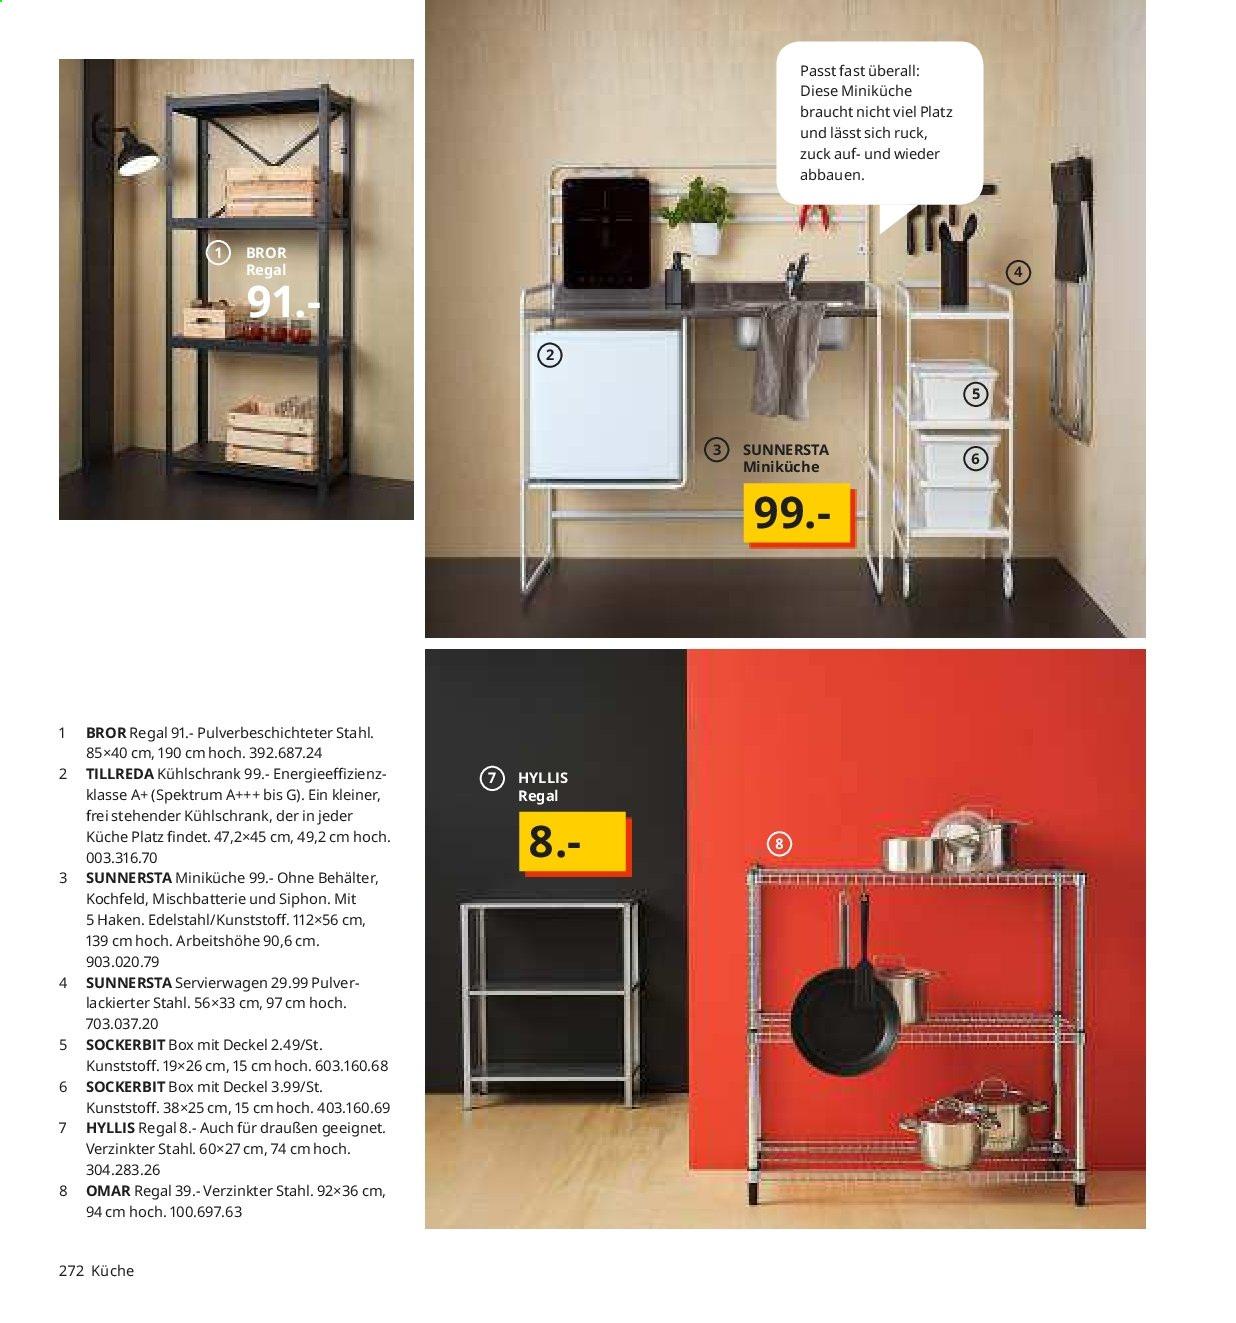 Full Size of Ikea Aktuelles Prospekt 2682019 3172020 Rabatt Kompass Küche Kosten Betten Bei Miniküche Stengel Sofa Mit Schlaffunktion 160x200 Kaufen Kühlschrank Wohnzimmer Miniküche Ikea